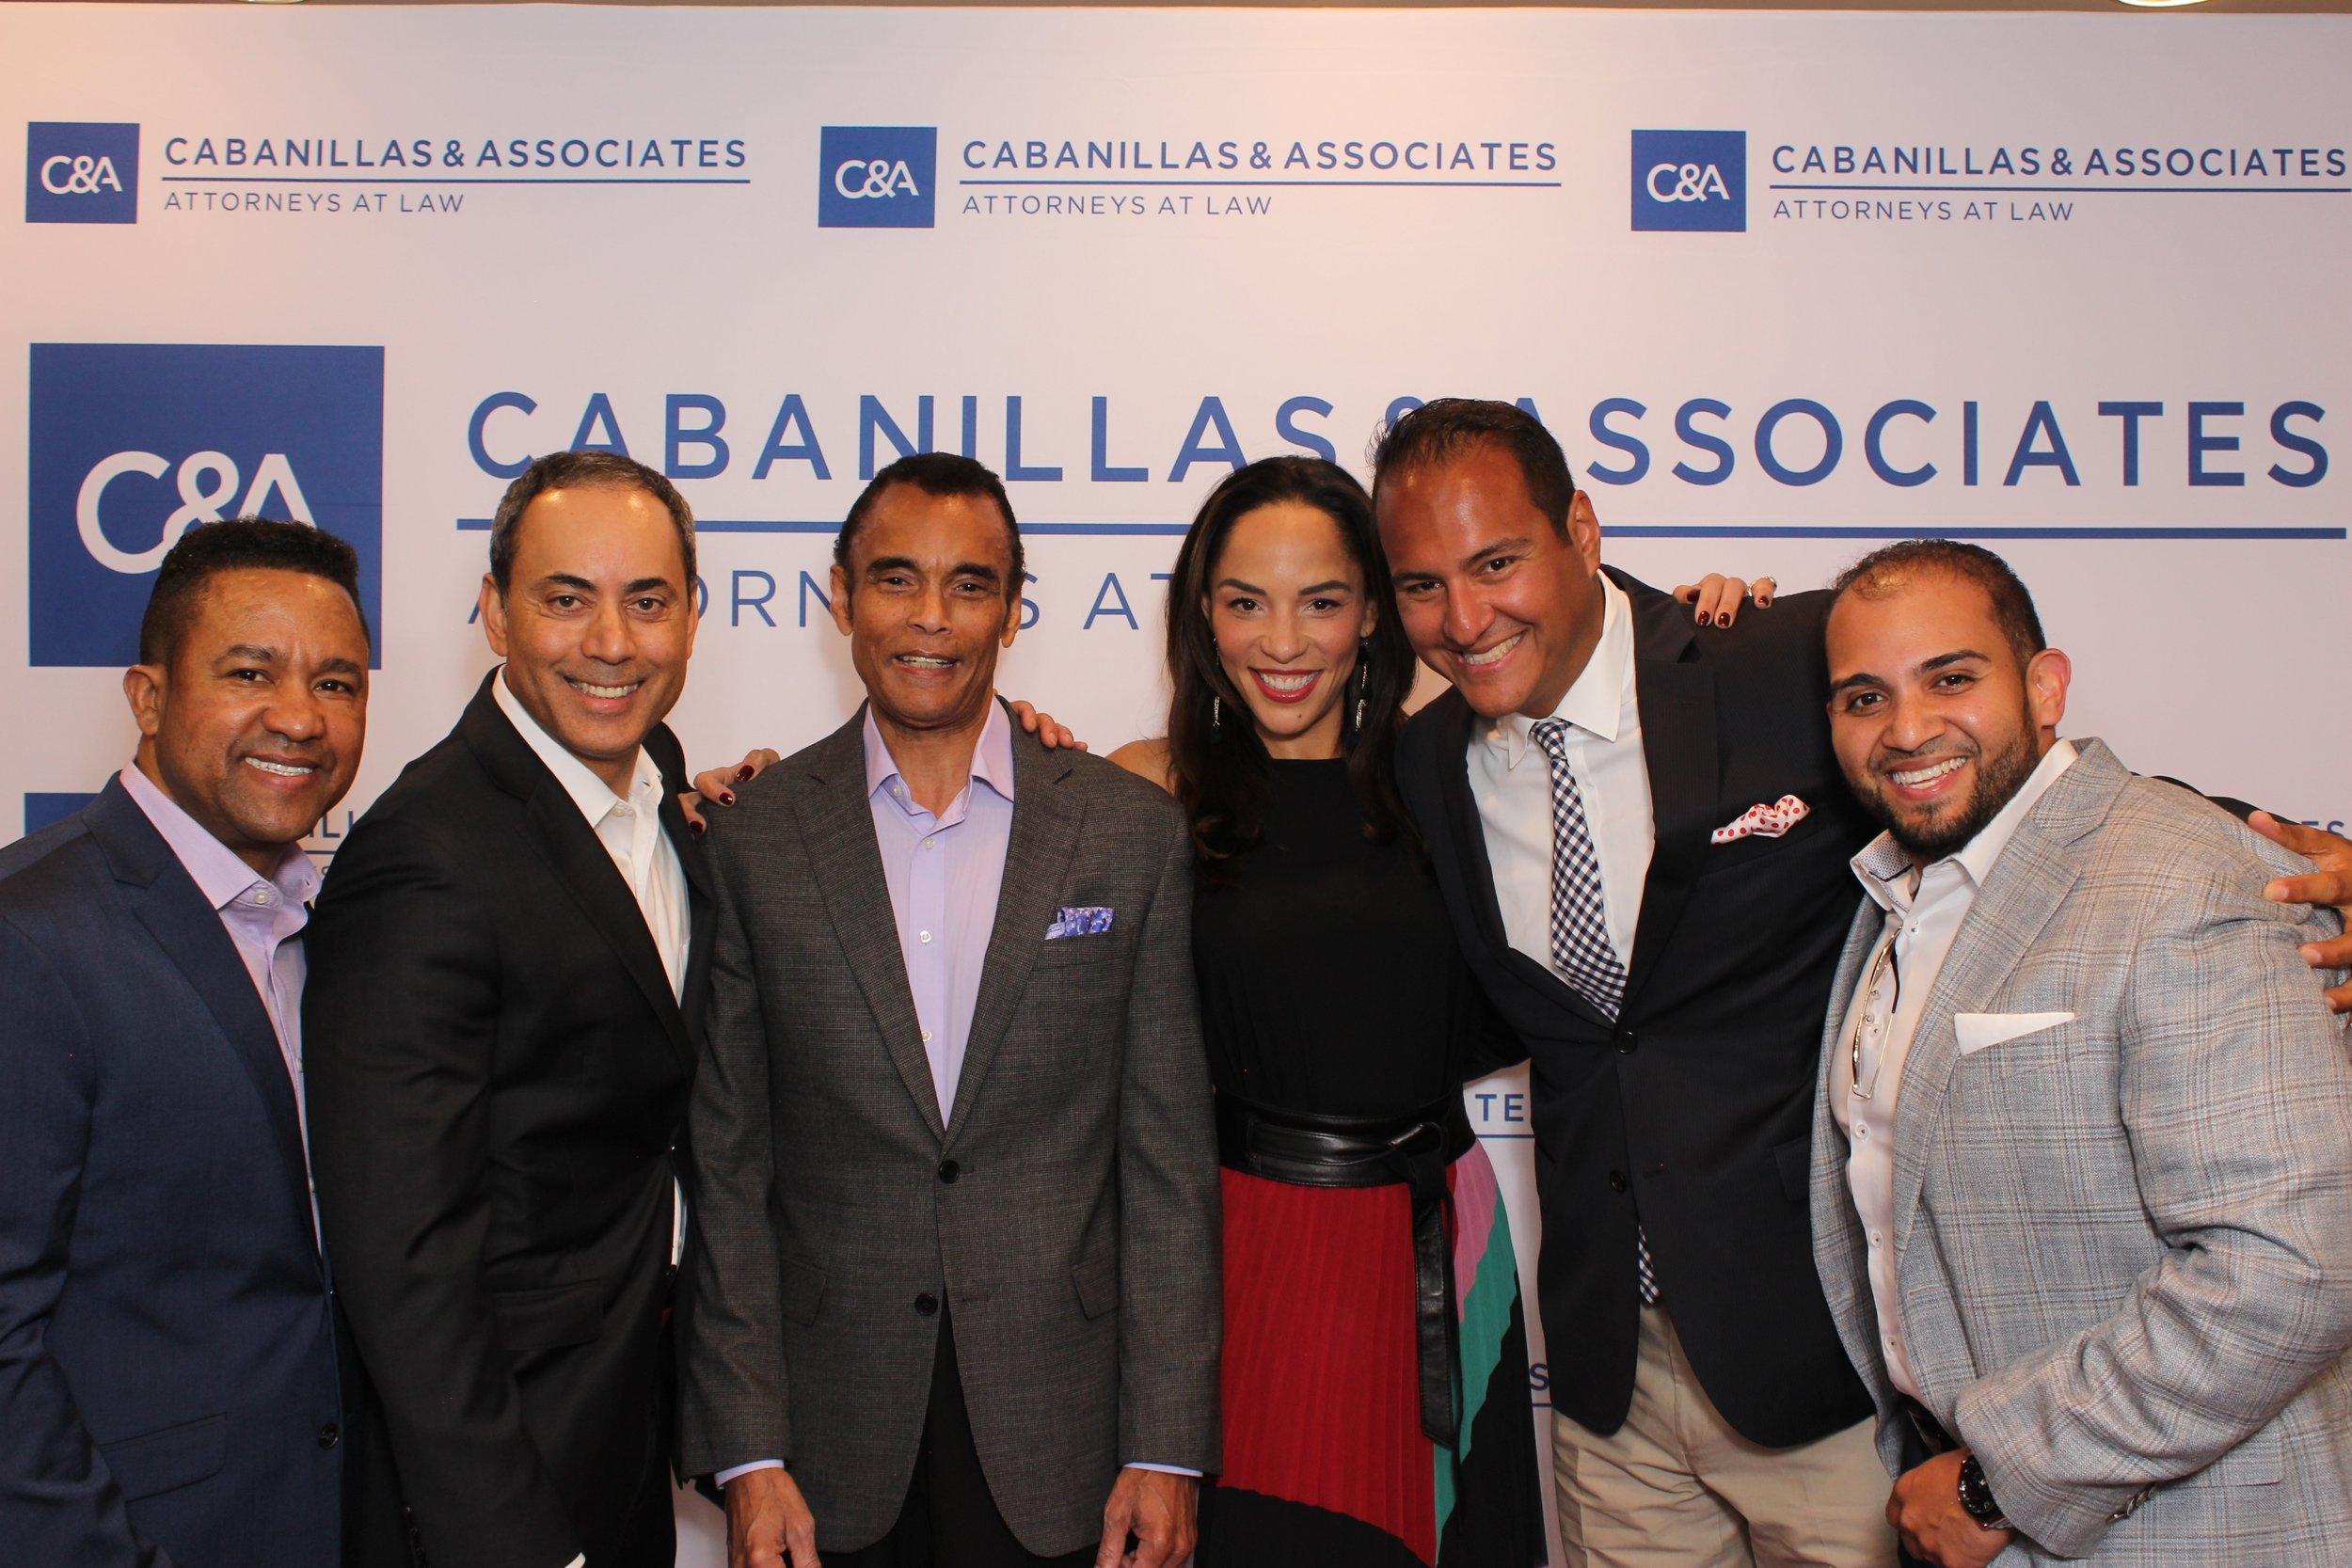 Cabanillas2018_2018-06-14_19-41-43.jpg